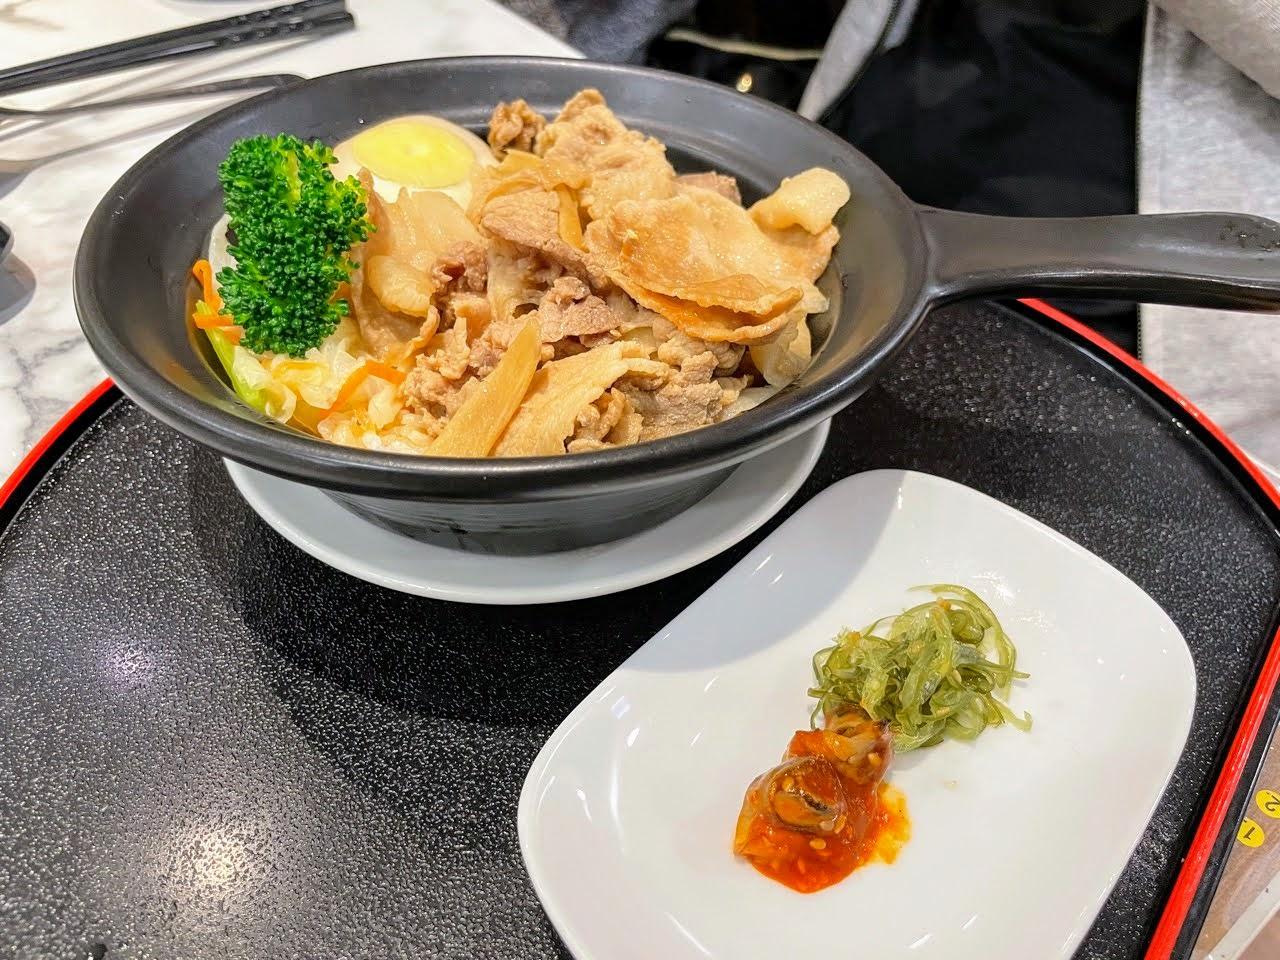 三飽 Mr.Bao / 特色台菜自助吧才是本體的火鍋店 / 台南中西區